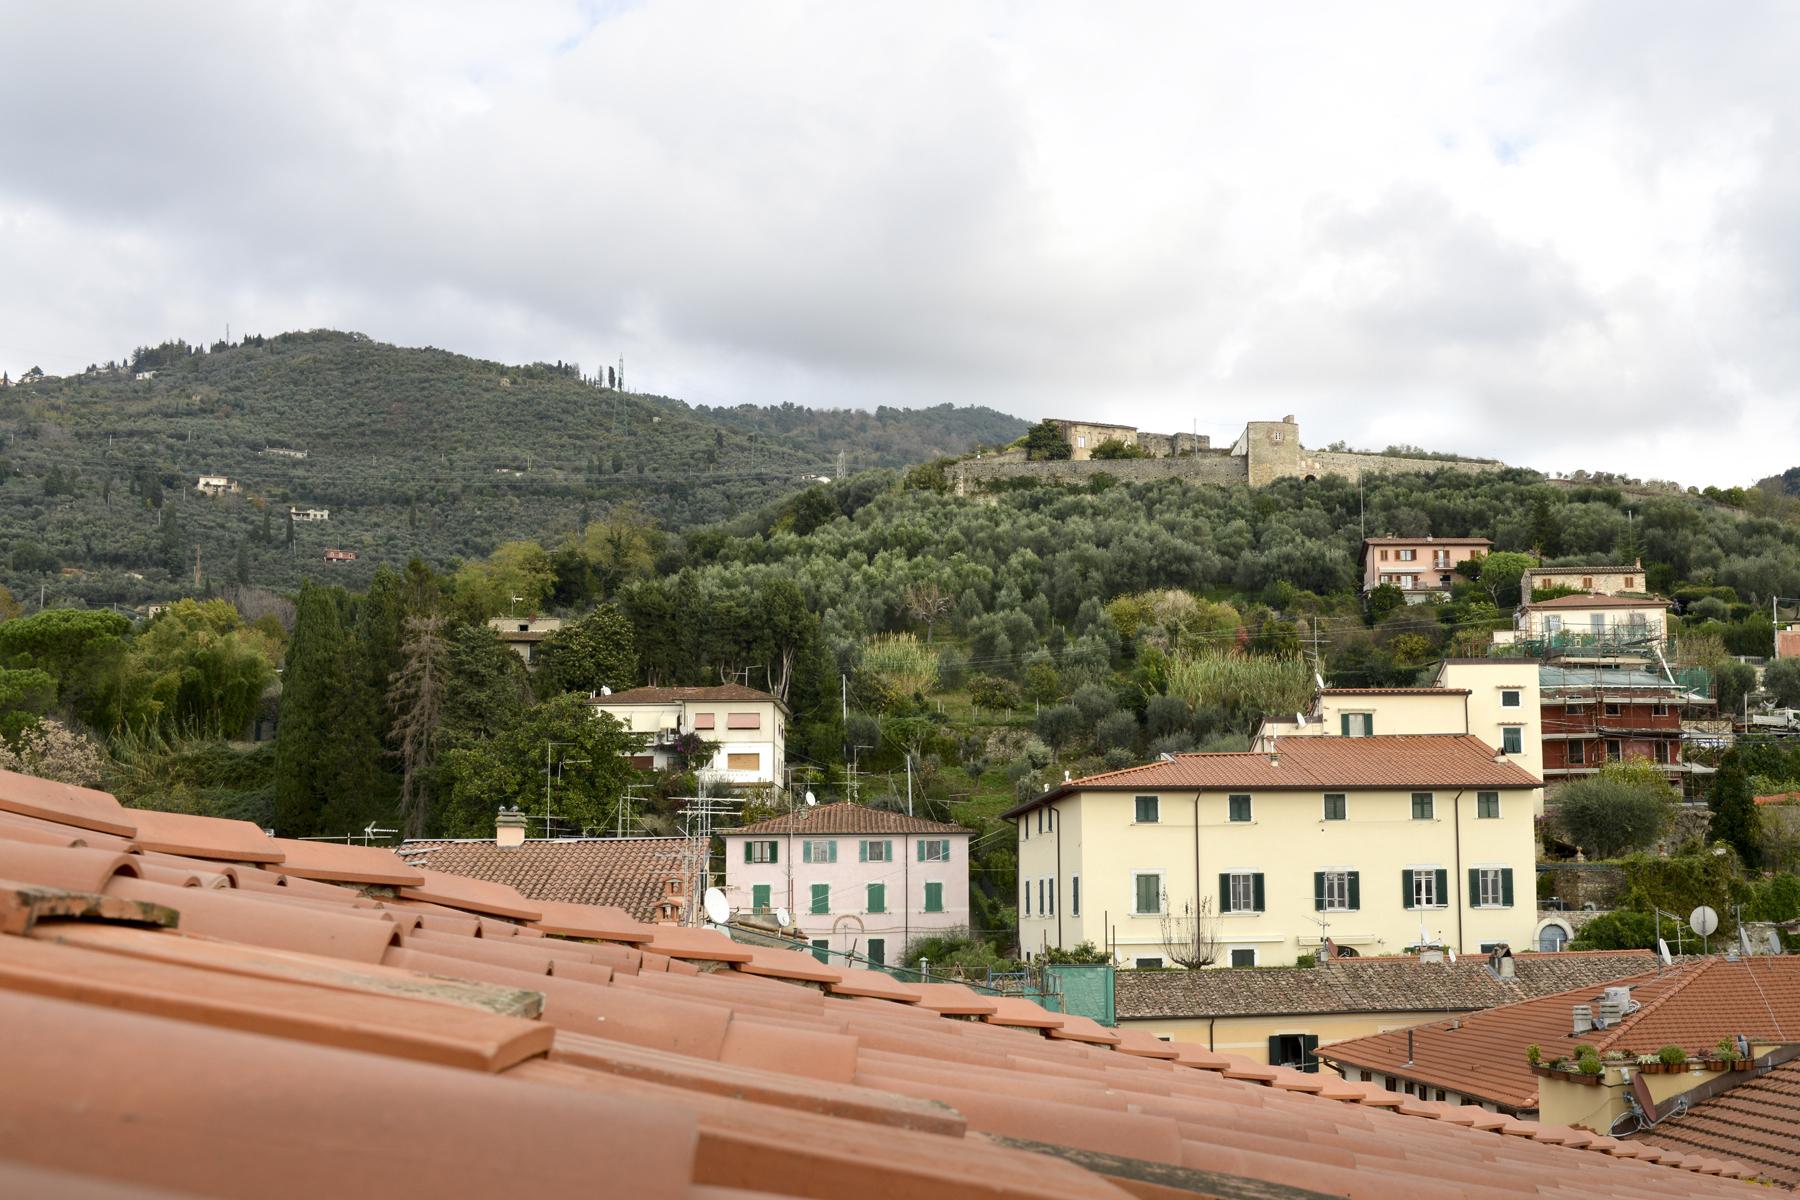 Appartamento in Vendita a Pietrasanta: 5 locali, 70 mq - Foto 19